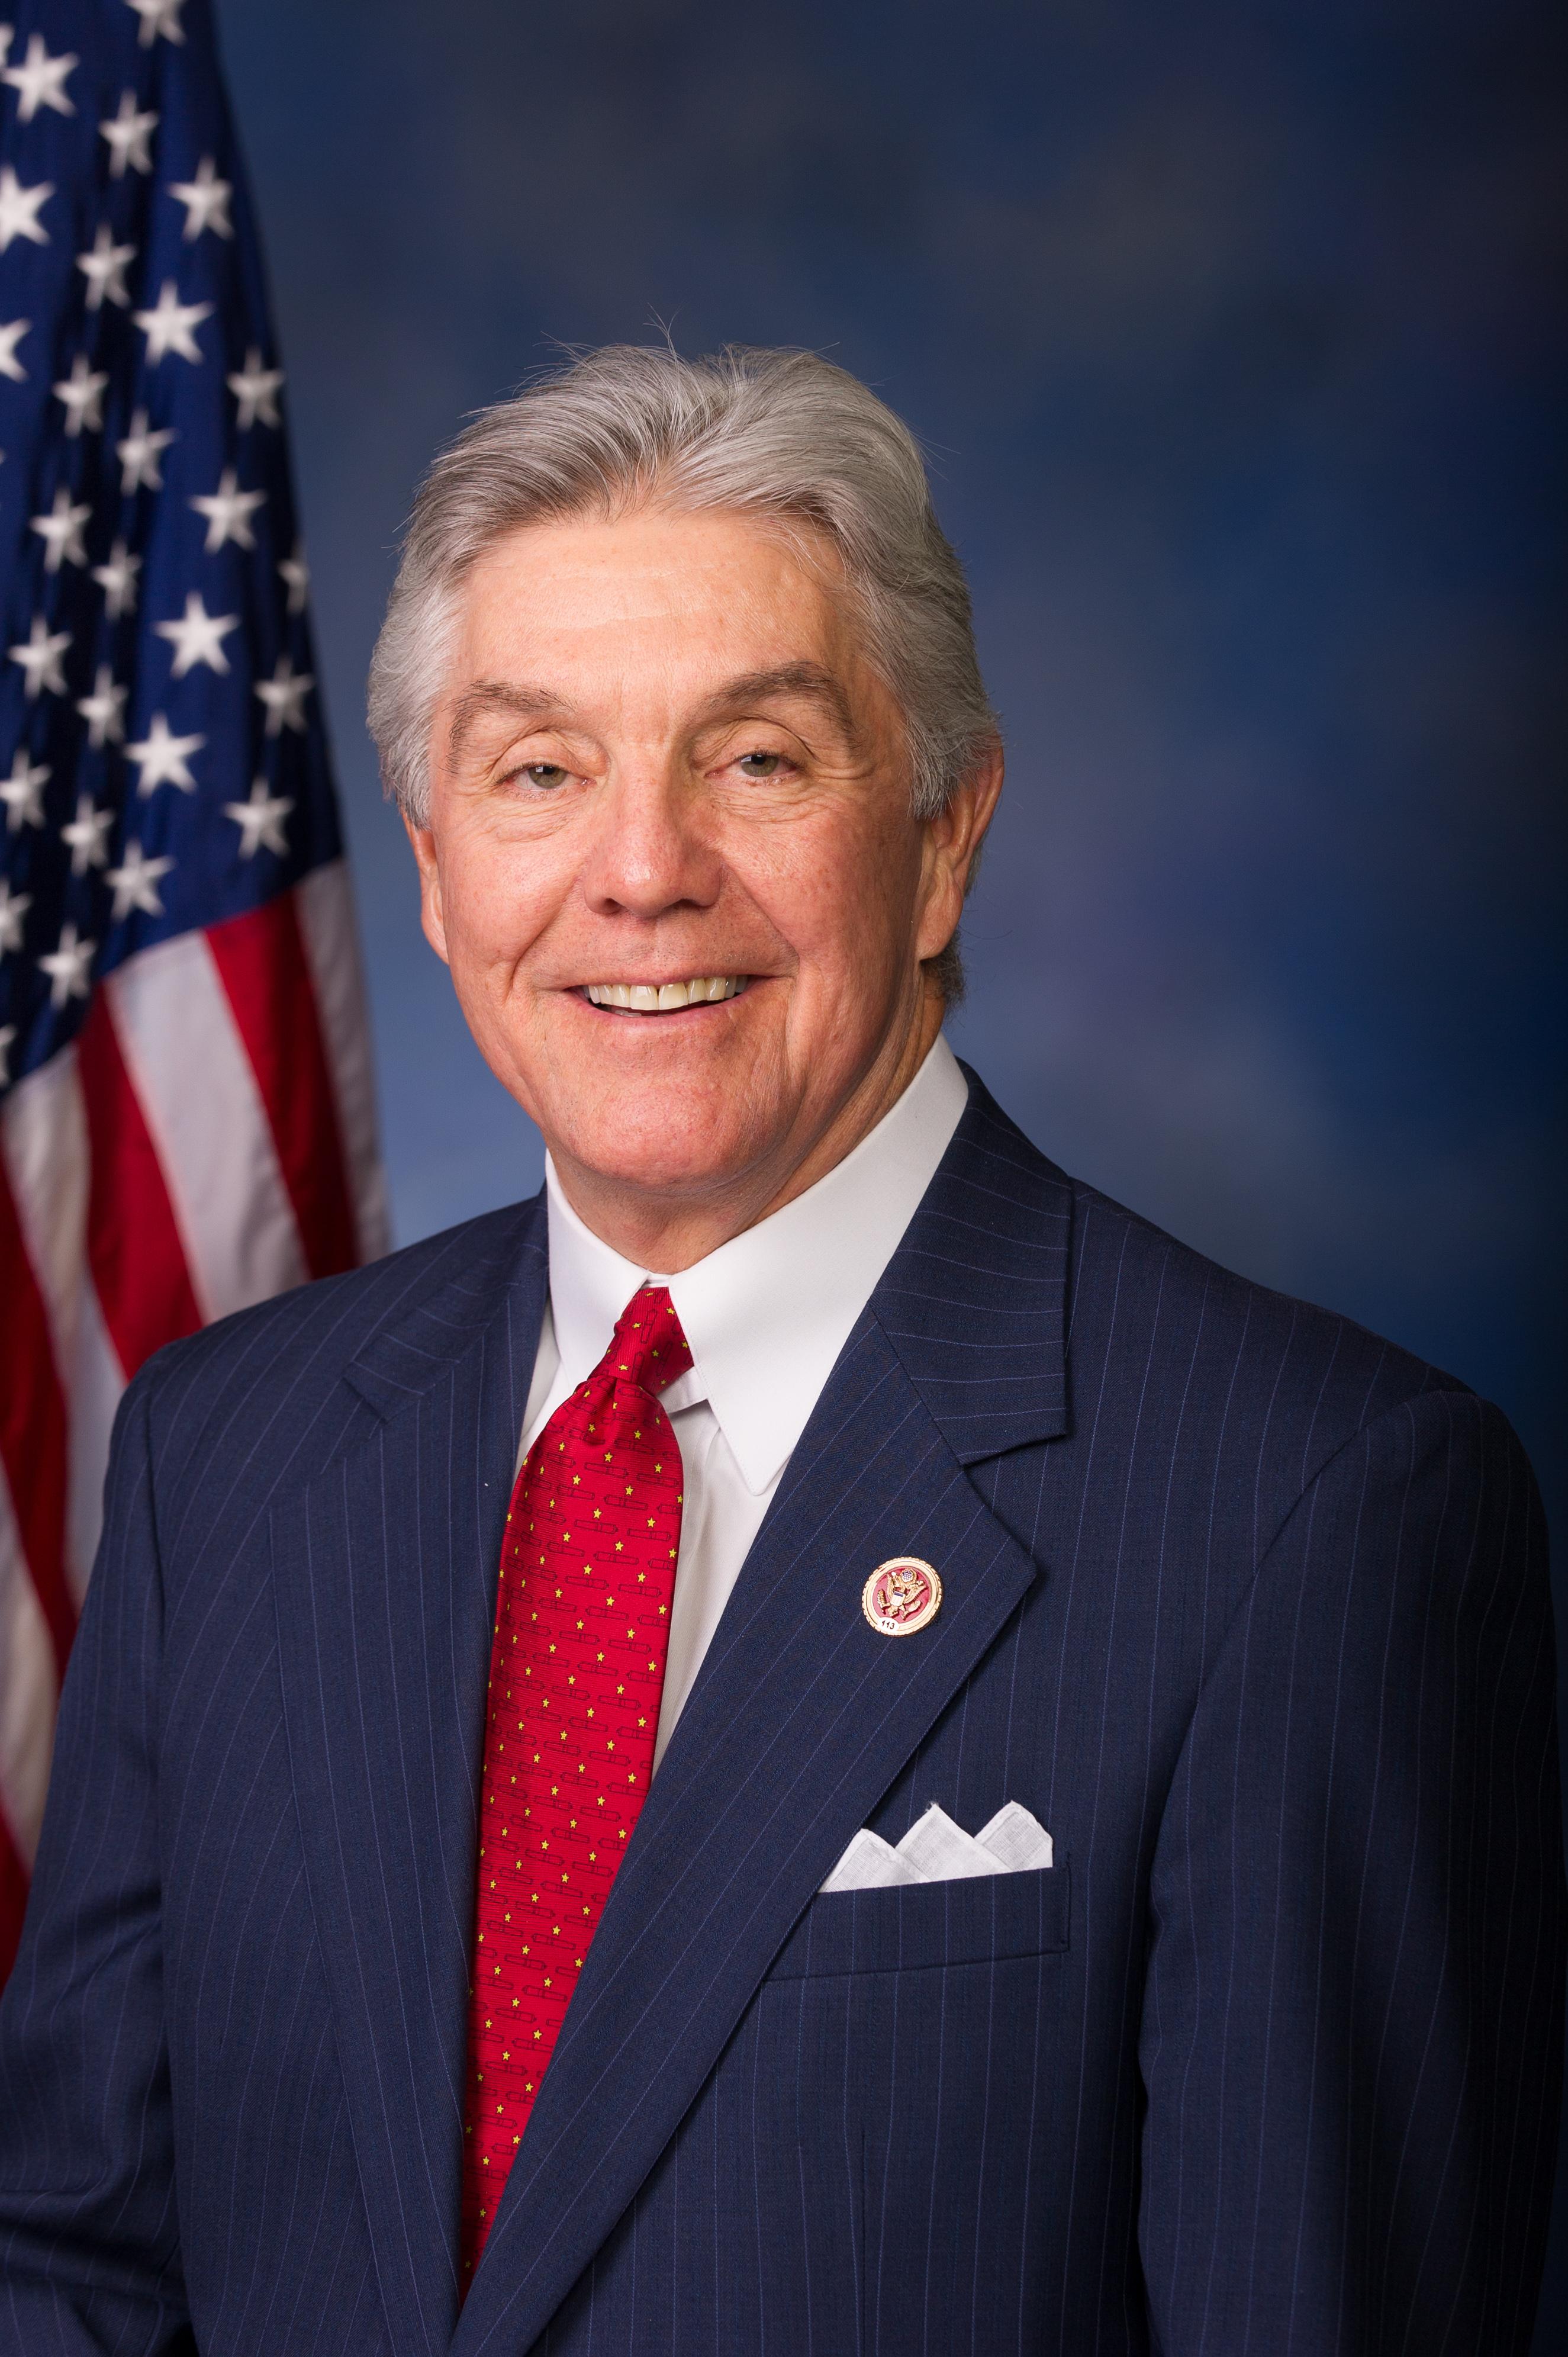 Roger Williams (American politician) - Wikipedia